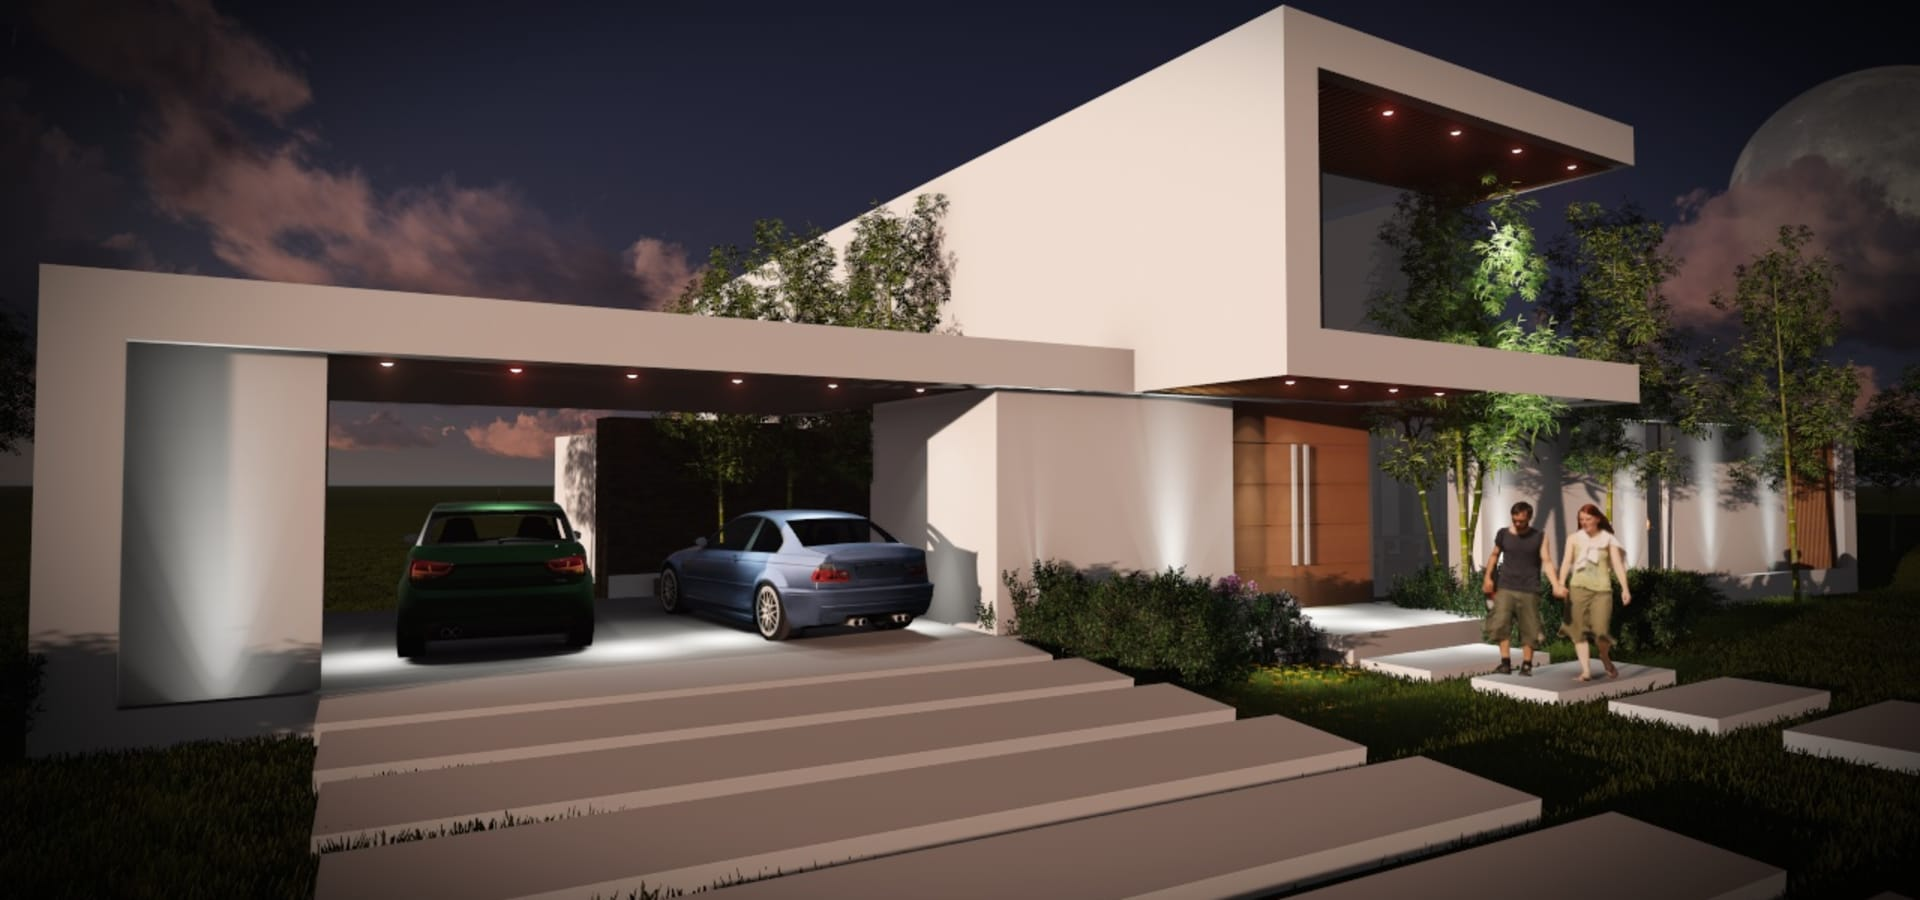 Casa jp by a ccs estudio de arquitectura homify for Estudio de arquitectura